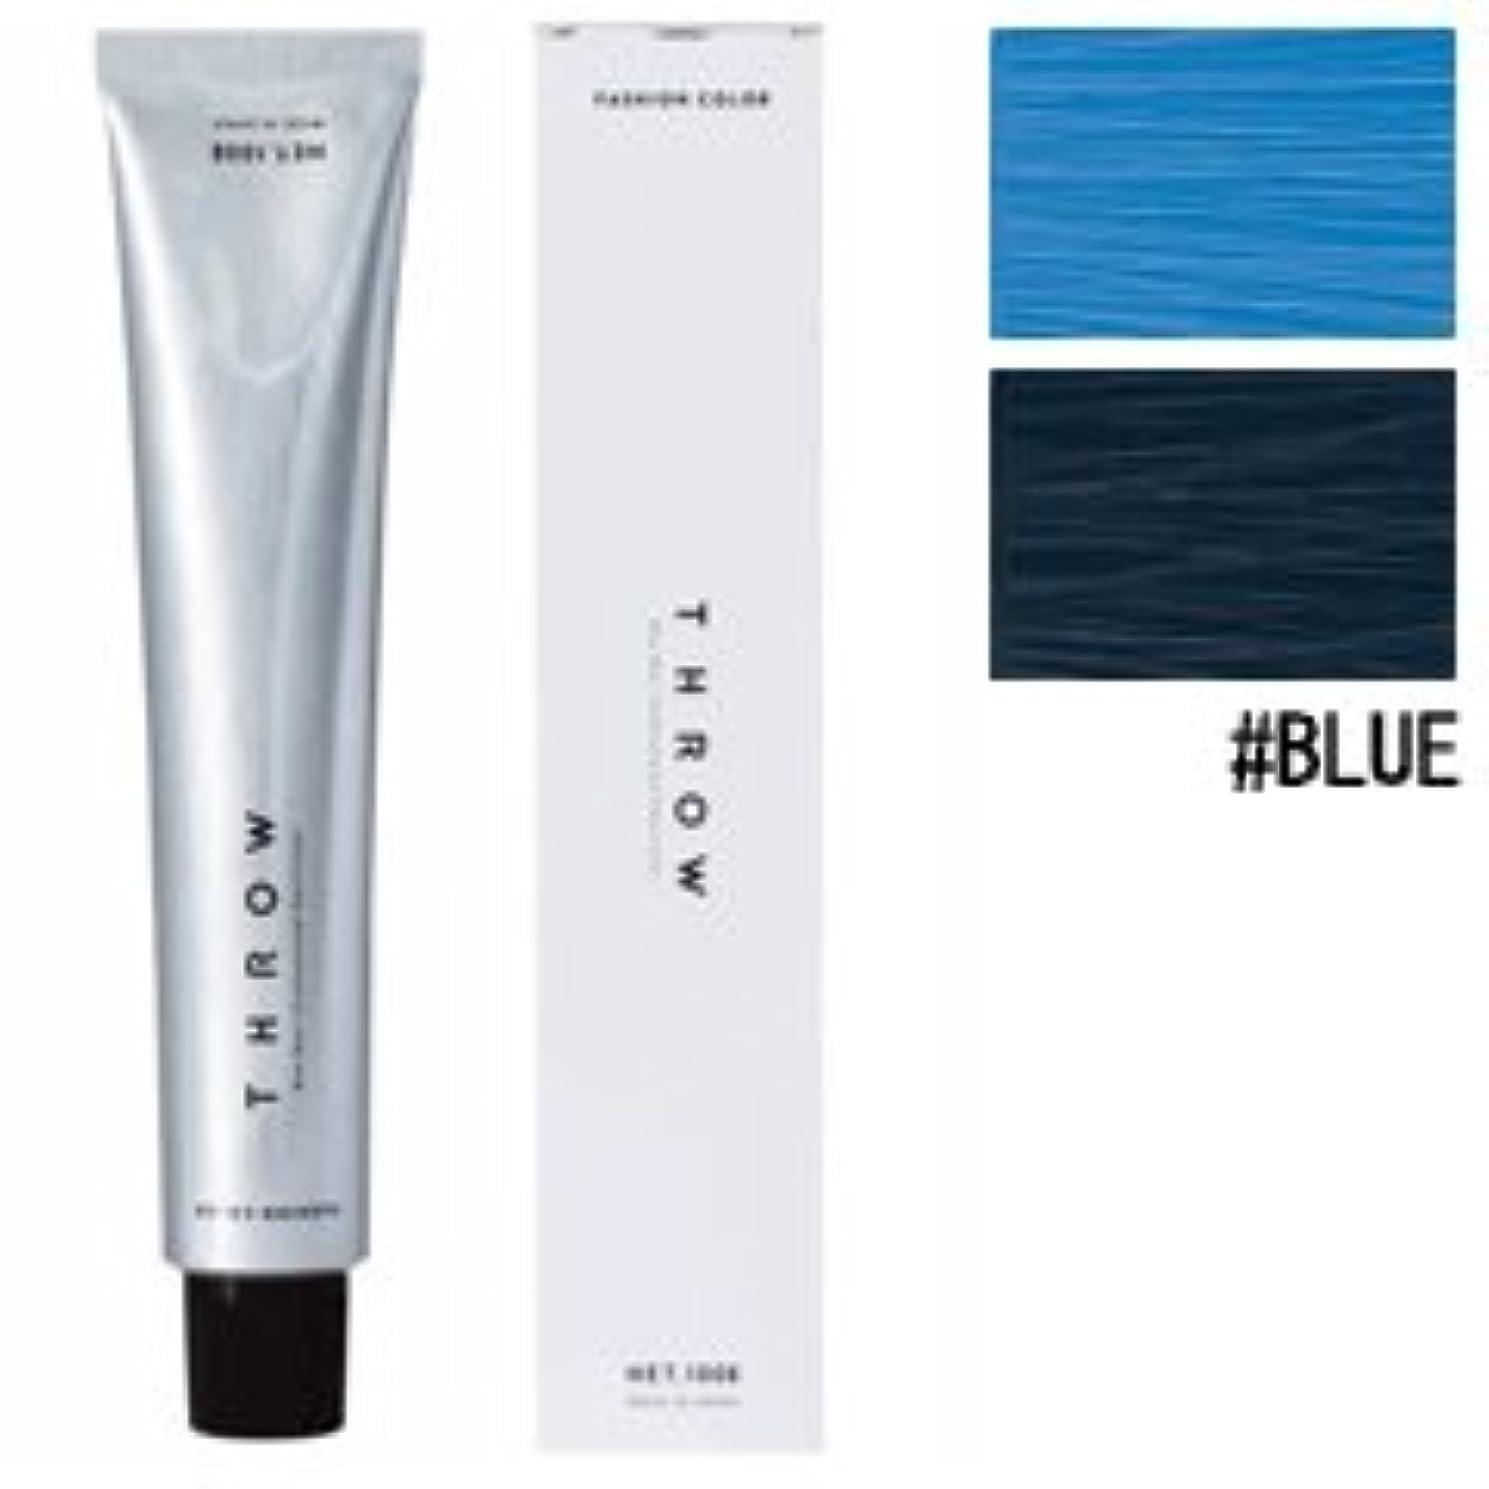 ギャラントリーきしむ明るくする【モルトベーネ】スロウ ファッションカラー #BLUE 100g